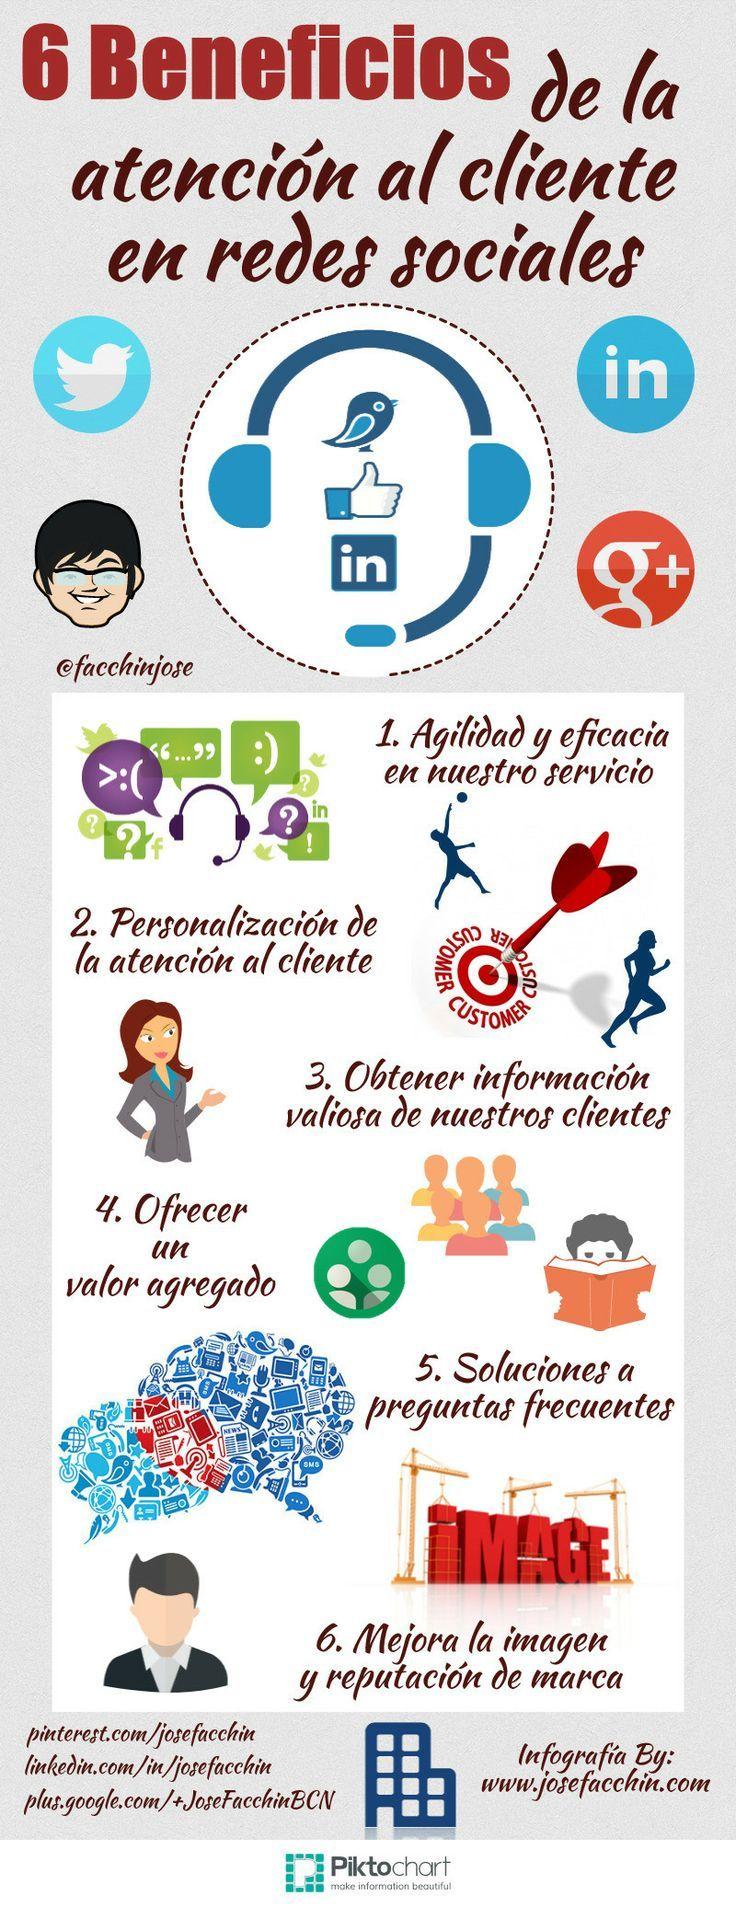 Beneficios de la atención al cliente a través de las rees sociales